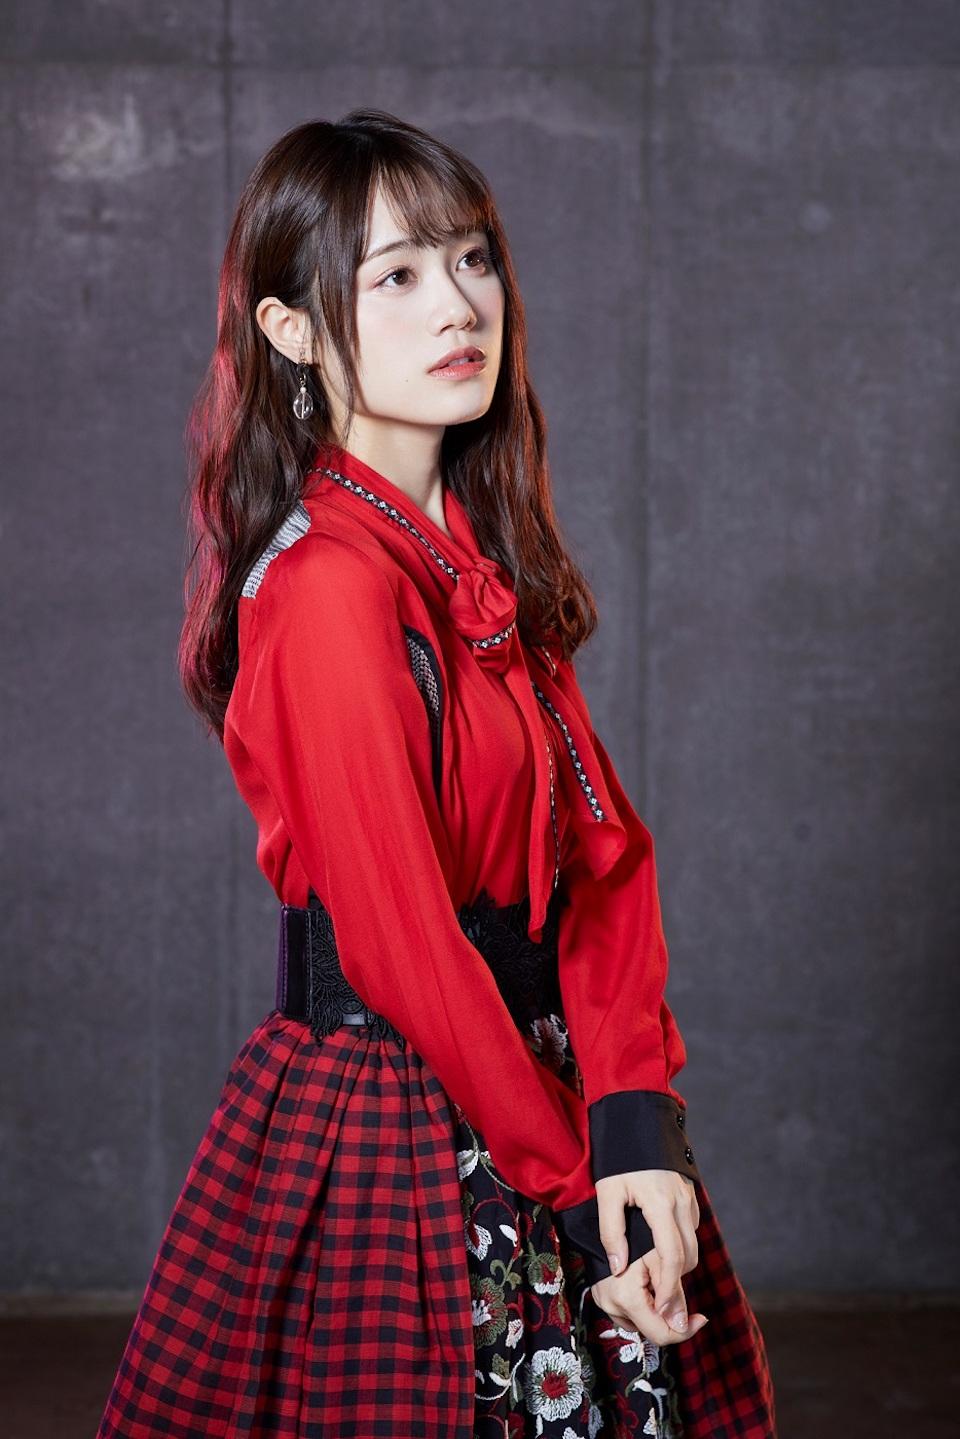 伊藤美来(いとう みく声優 voice actress